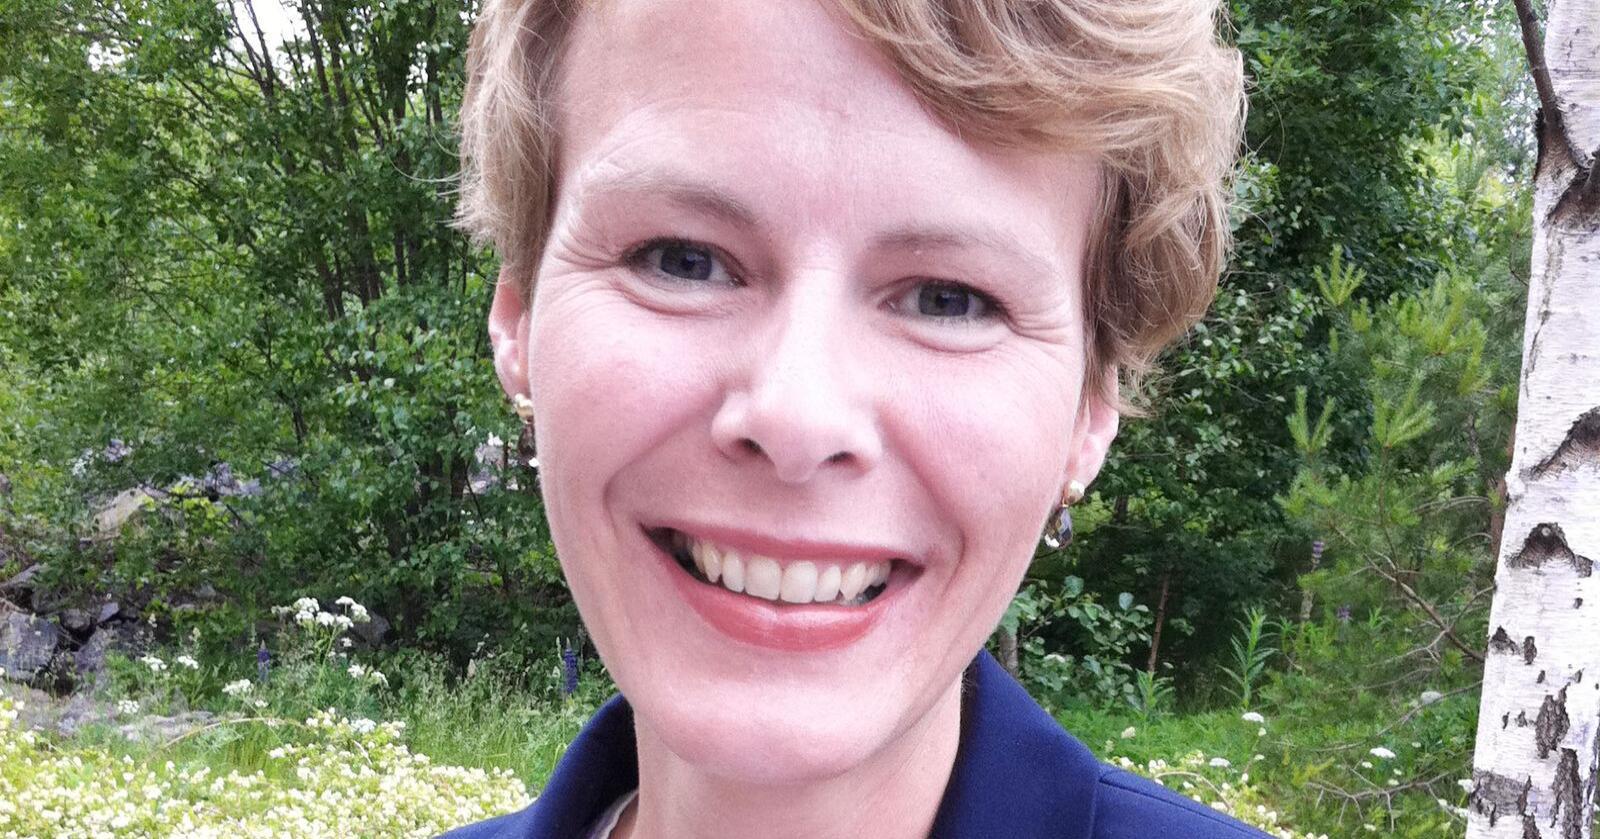 Kristin Malonæs gleder seg stort til å ta fatt på oppgavene i Geno og ser frem til å videreutvikle selskapet i tett samarbeid med de ansatte og styret. Foto: Innovasjon Norge